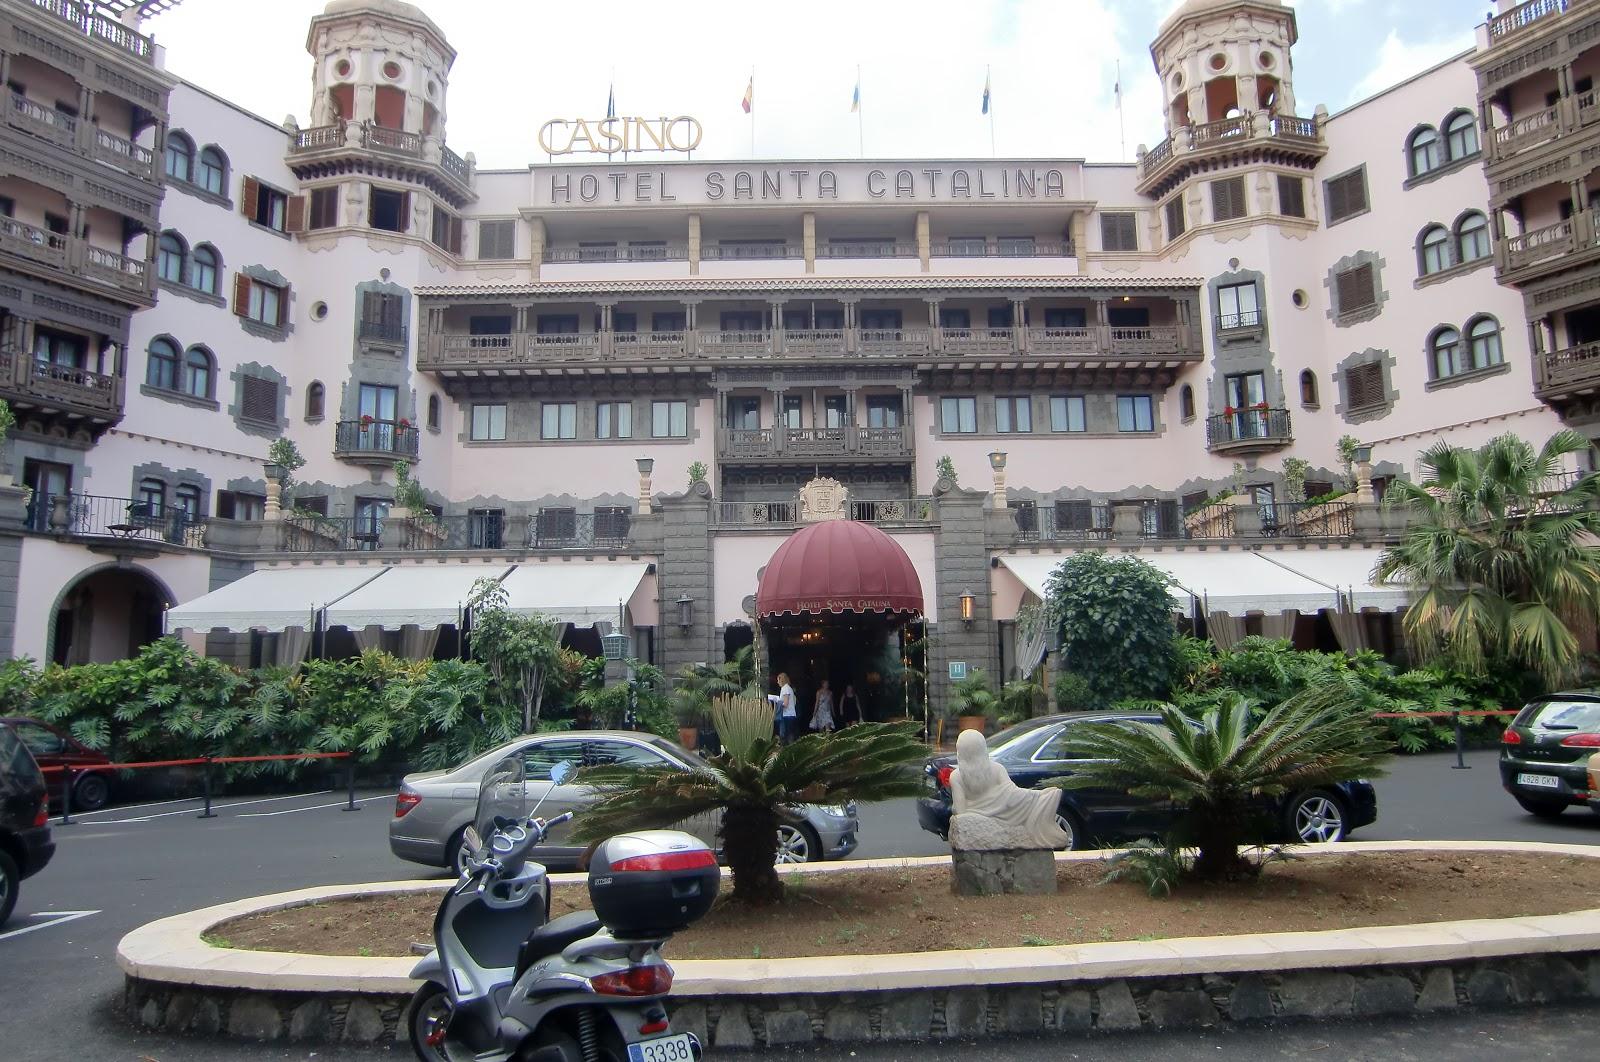 Hotel santa catalina en las palmas de gran canaria www for Cristalerias en las palmas de gran canaria